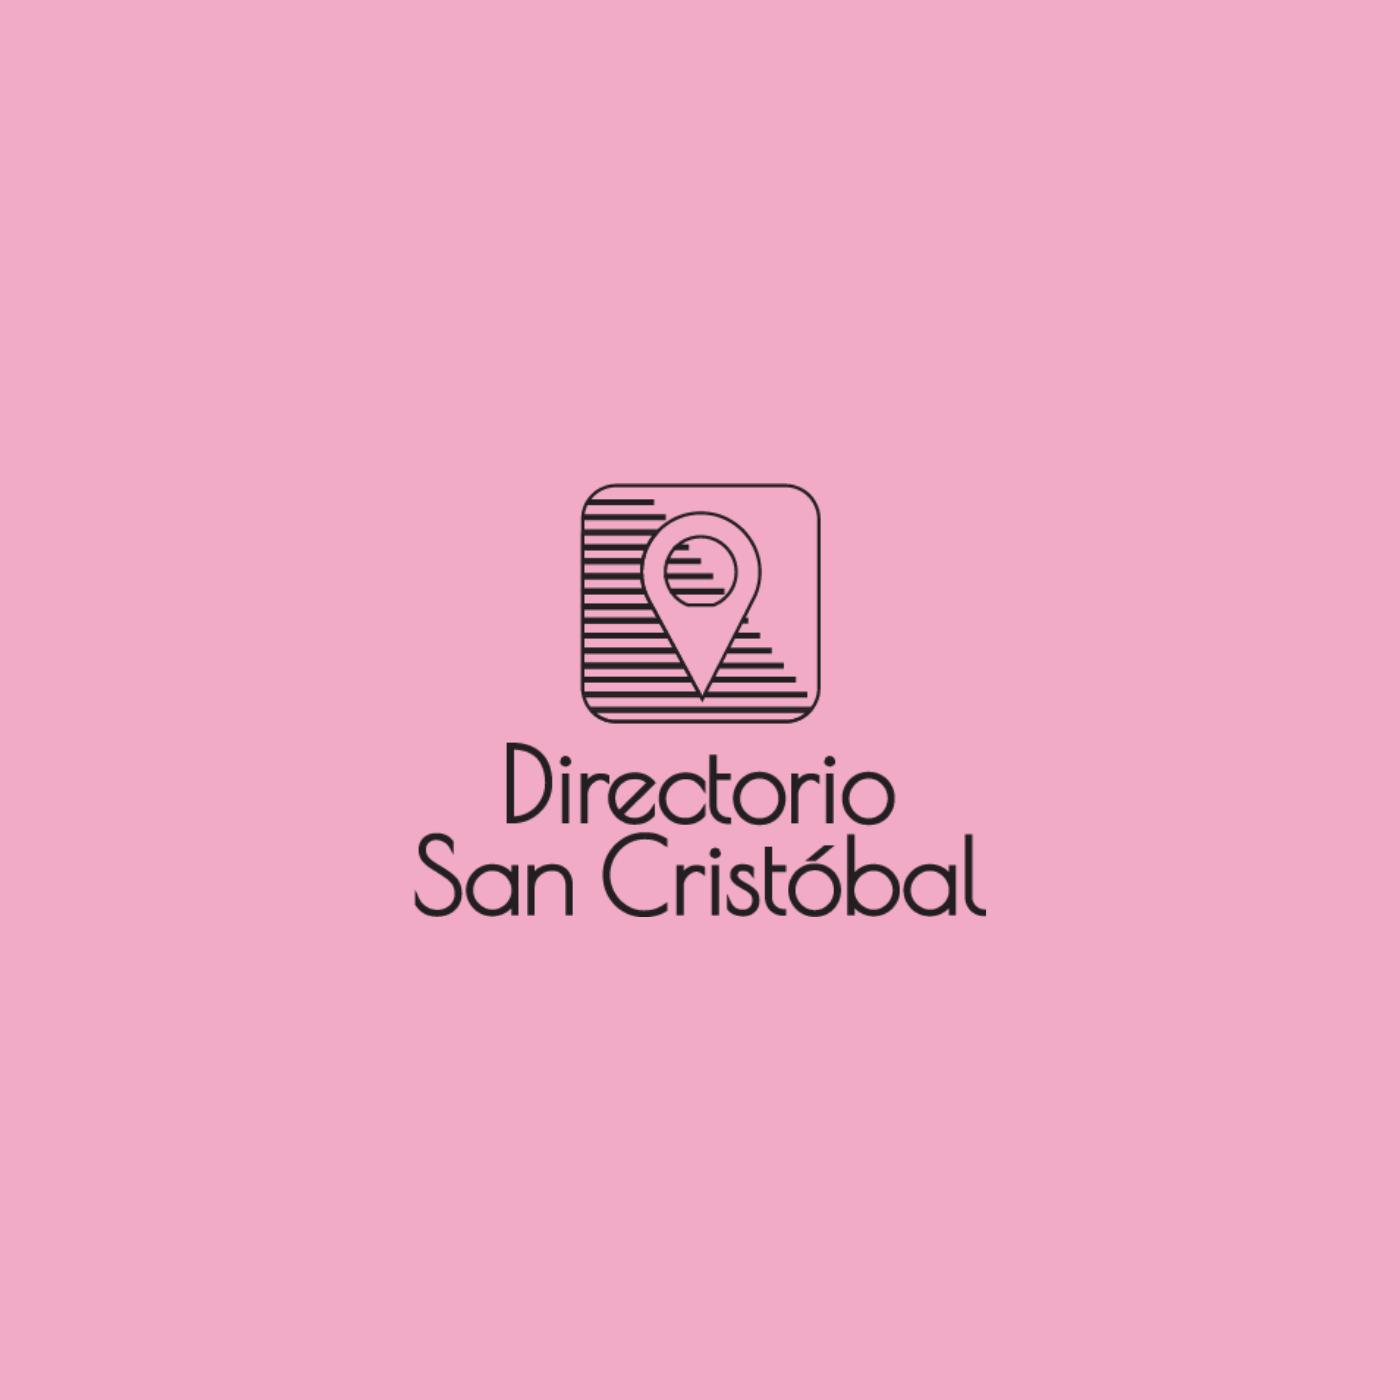 Directorio Comercial en San Cristobal